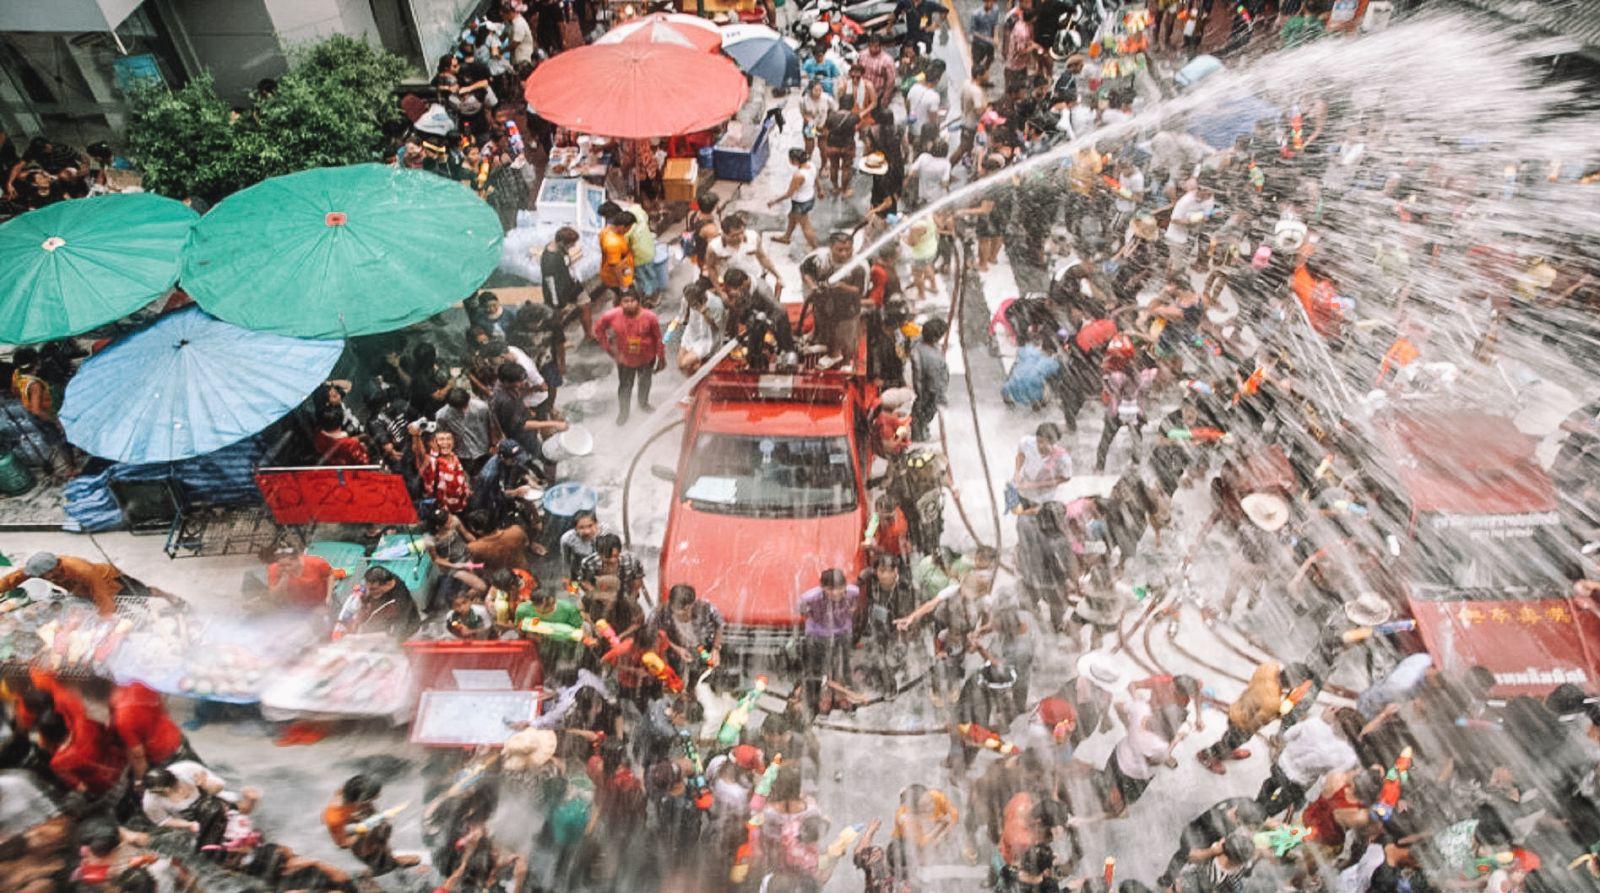 Lễ hội té nước Songkran: Đừng giữ mình khô ráo nếu muốn hưởng hạnh phúc! - Ảnh 13.